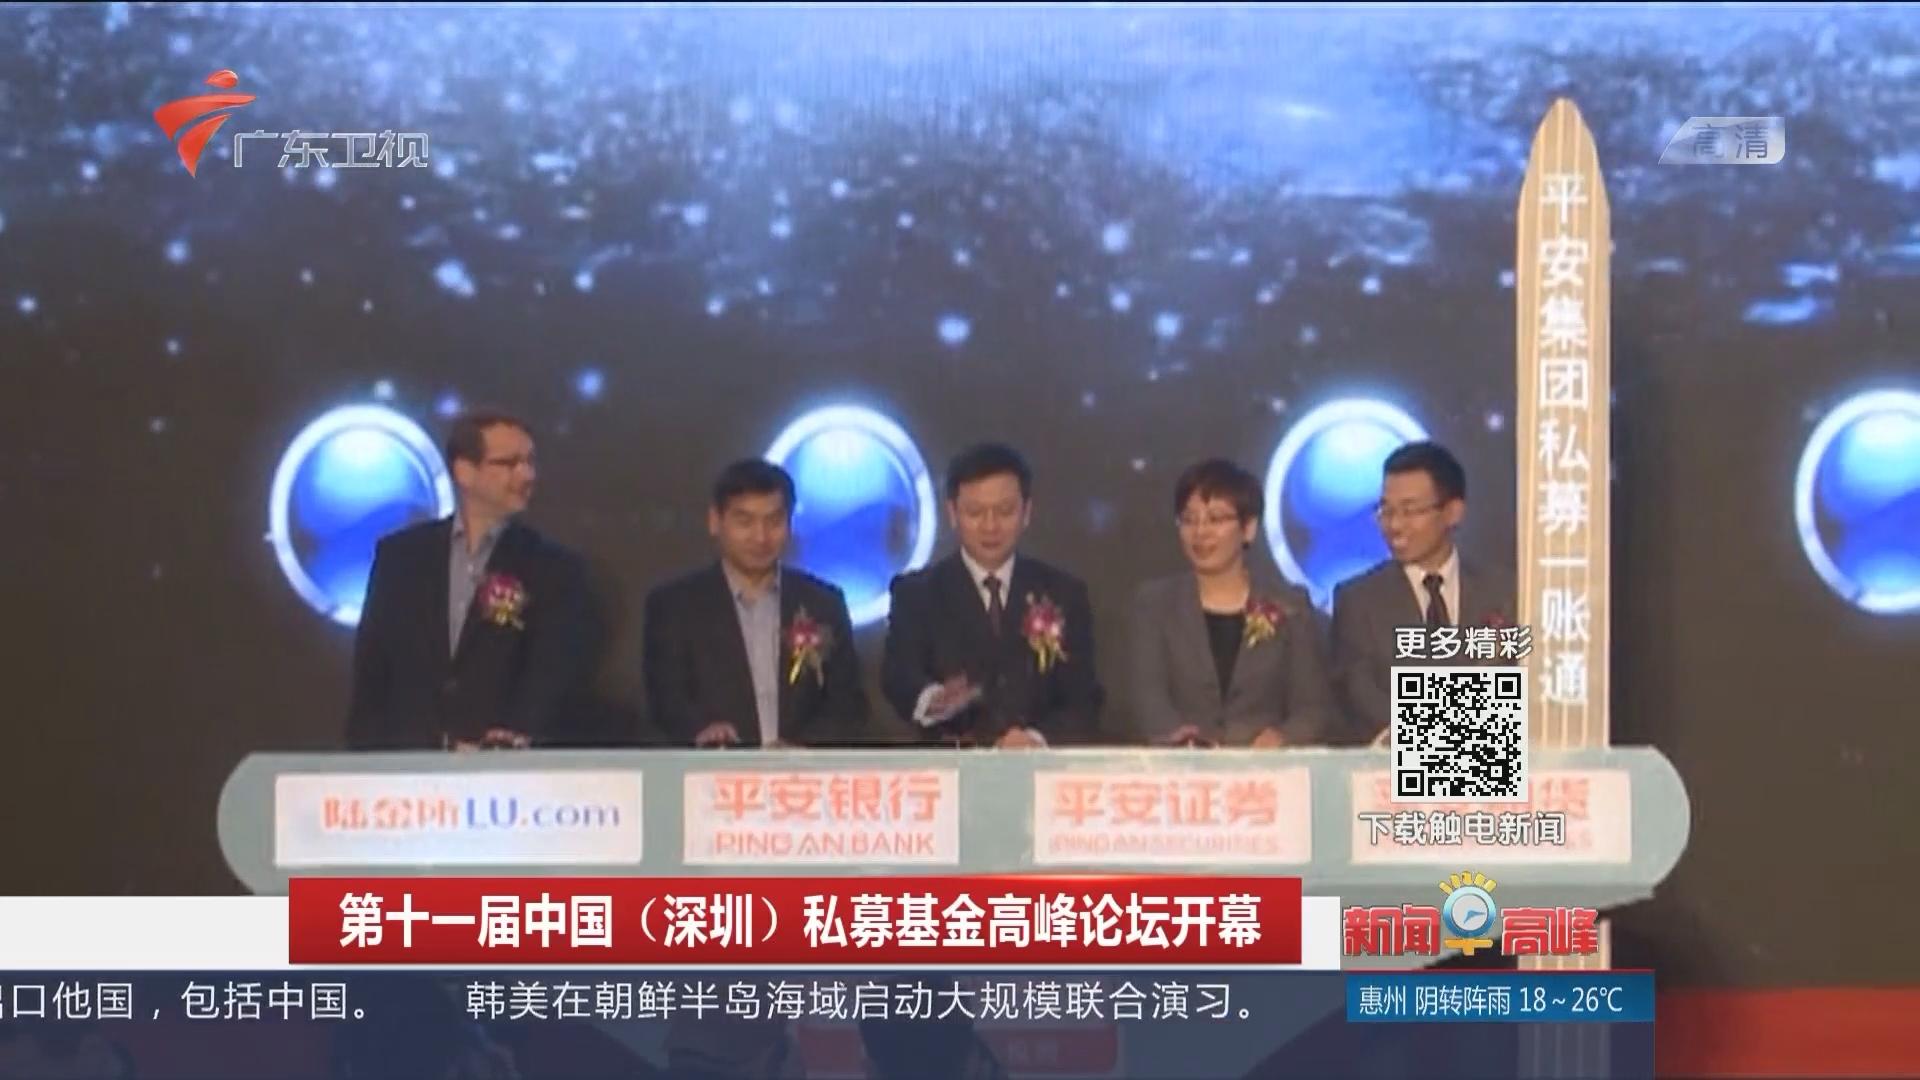 第十一届中国(深圳)私募基金高峰论坛开幕